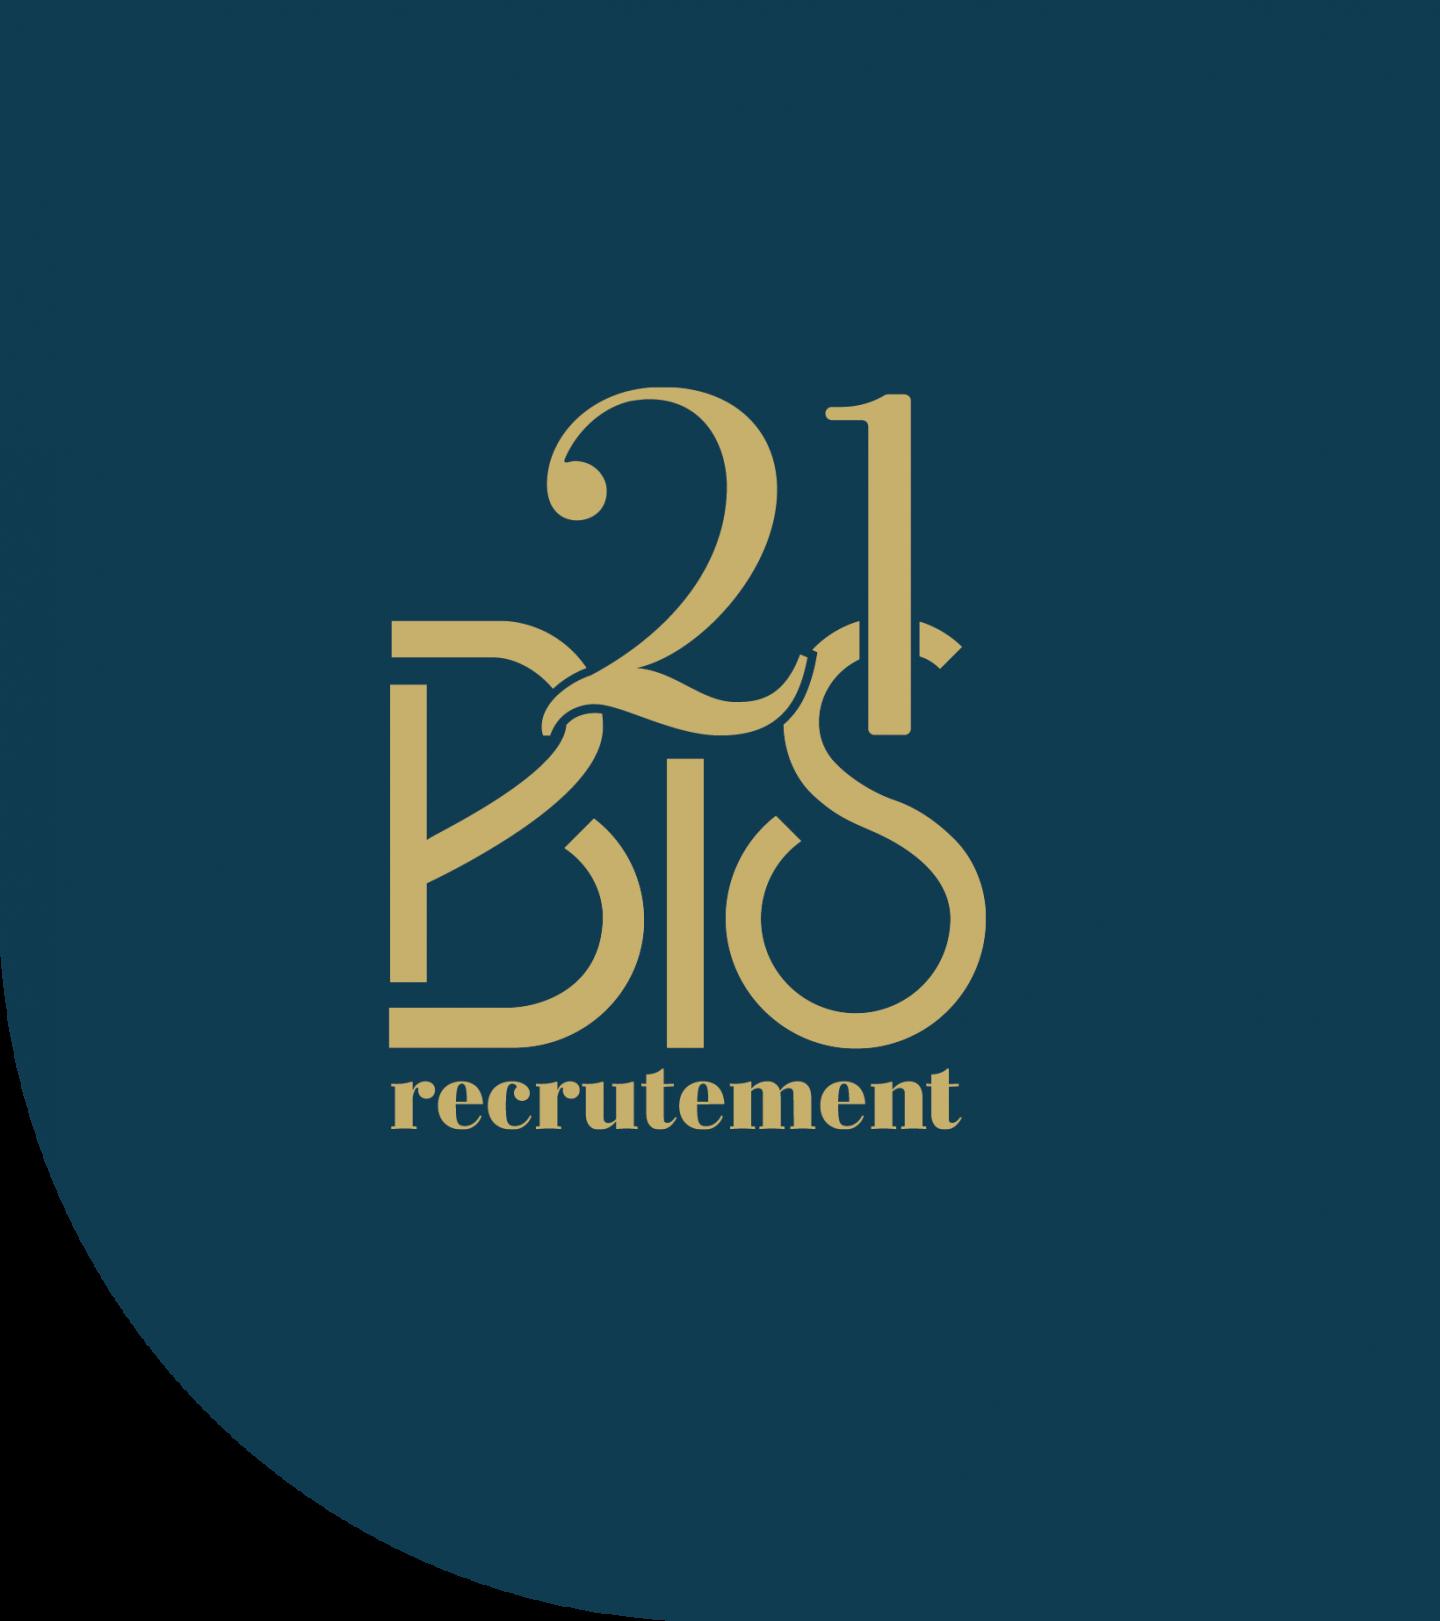 Logo de 21Bis Recrutement